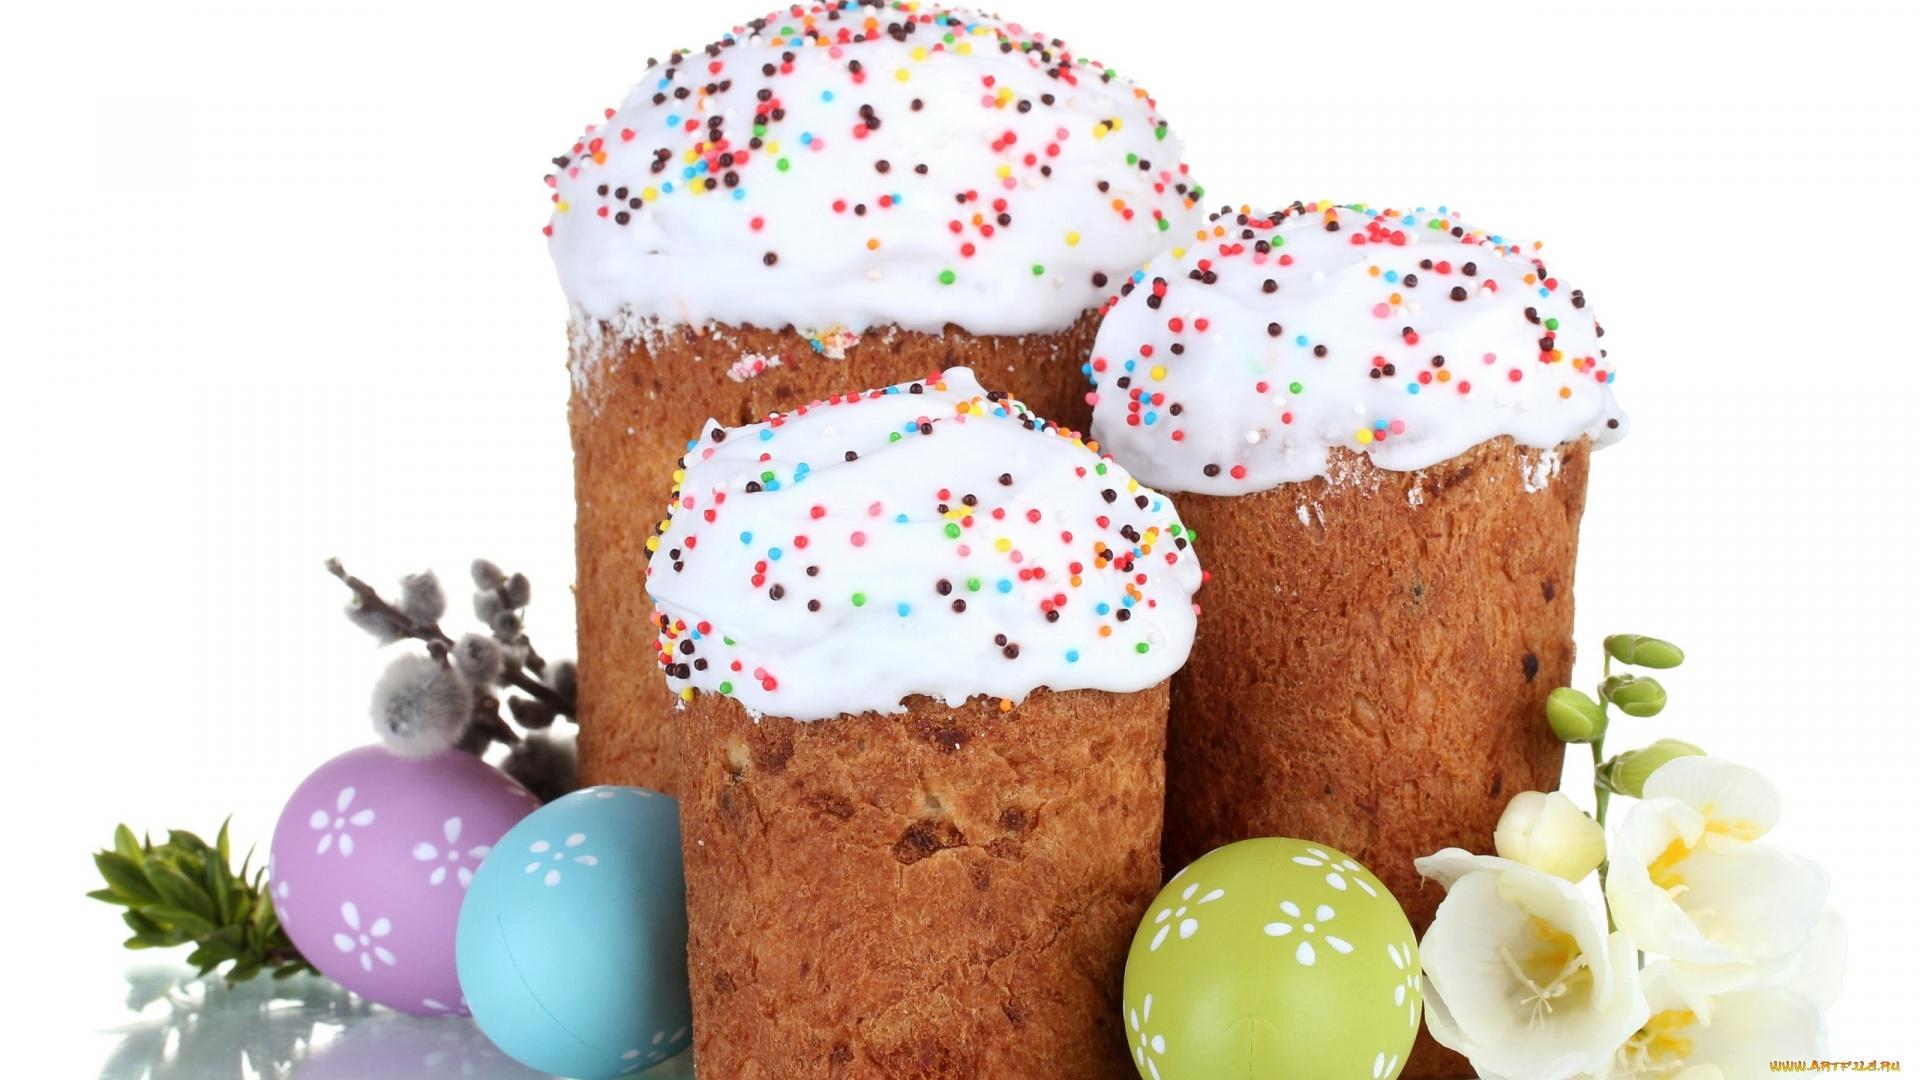 Easter Cake wallpaper for desktop